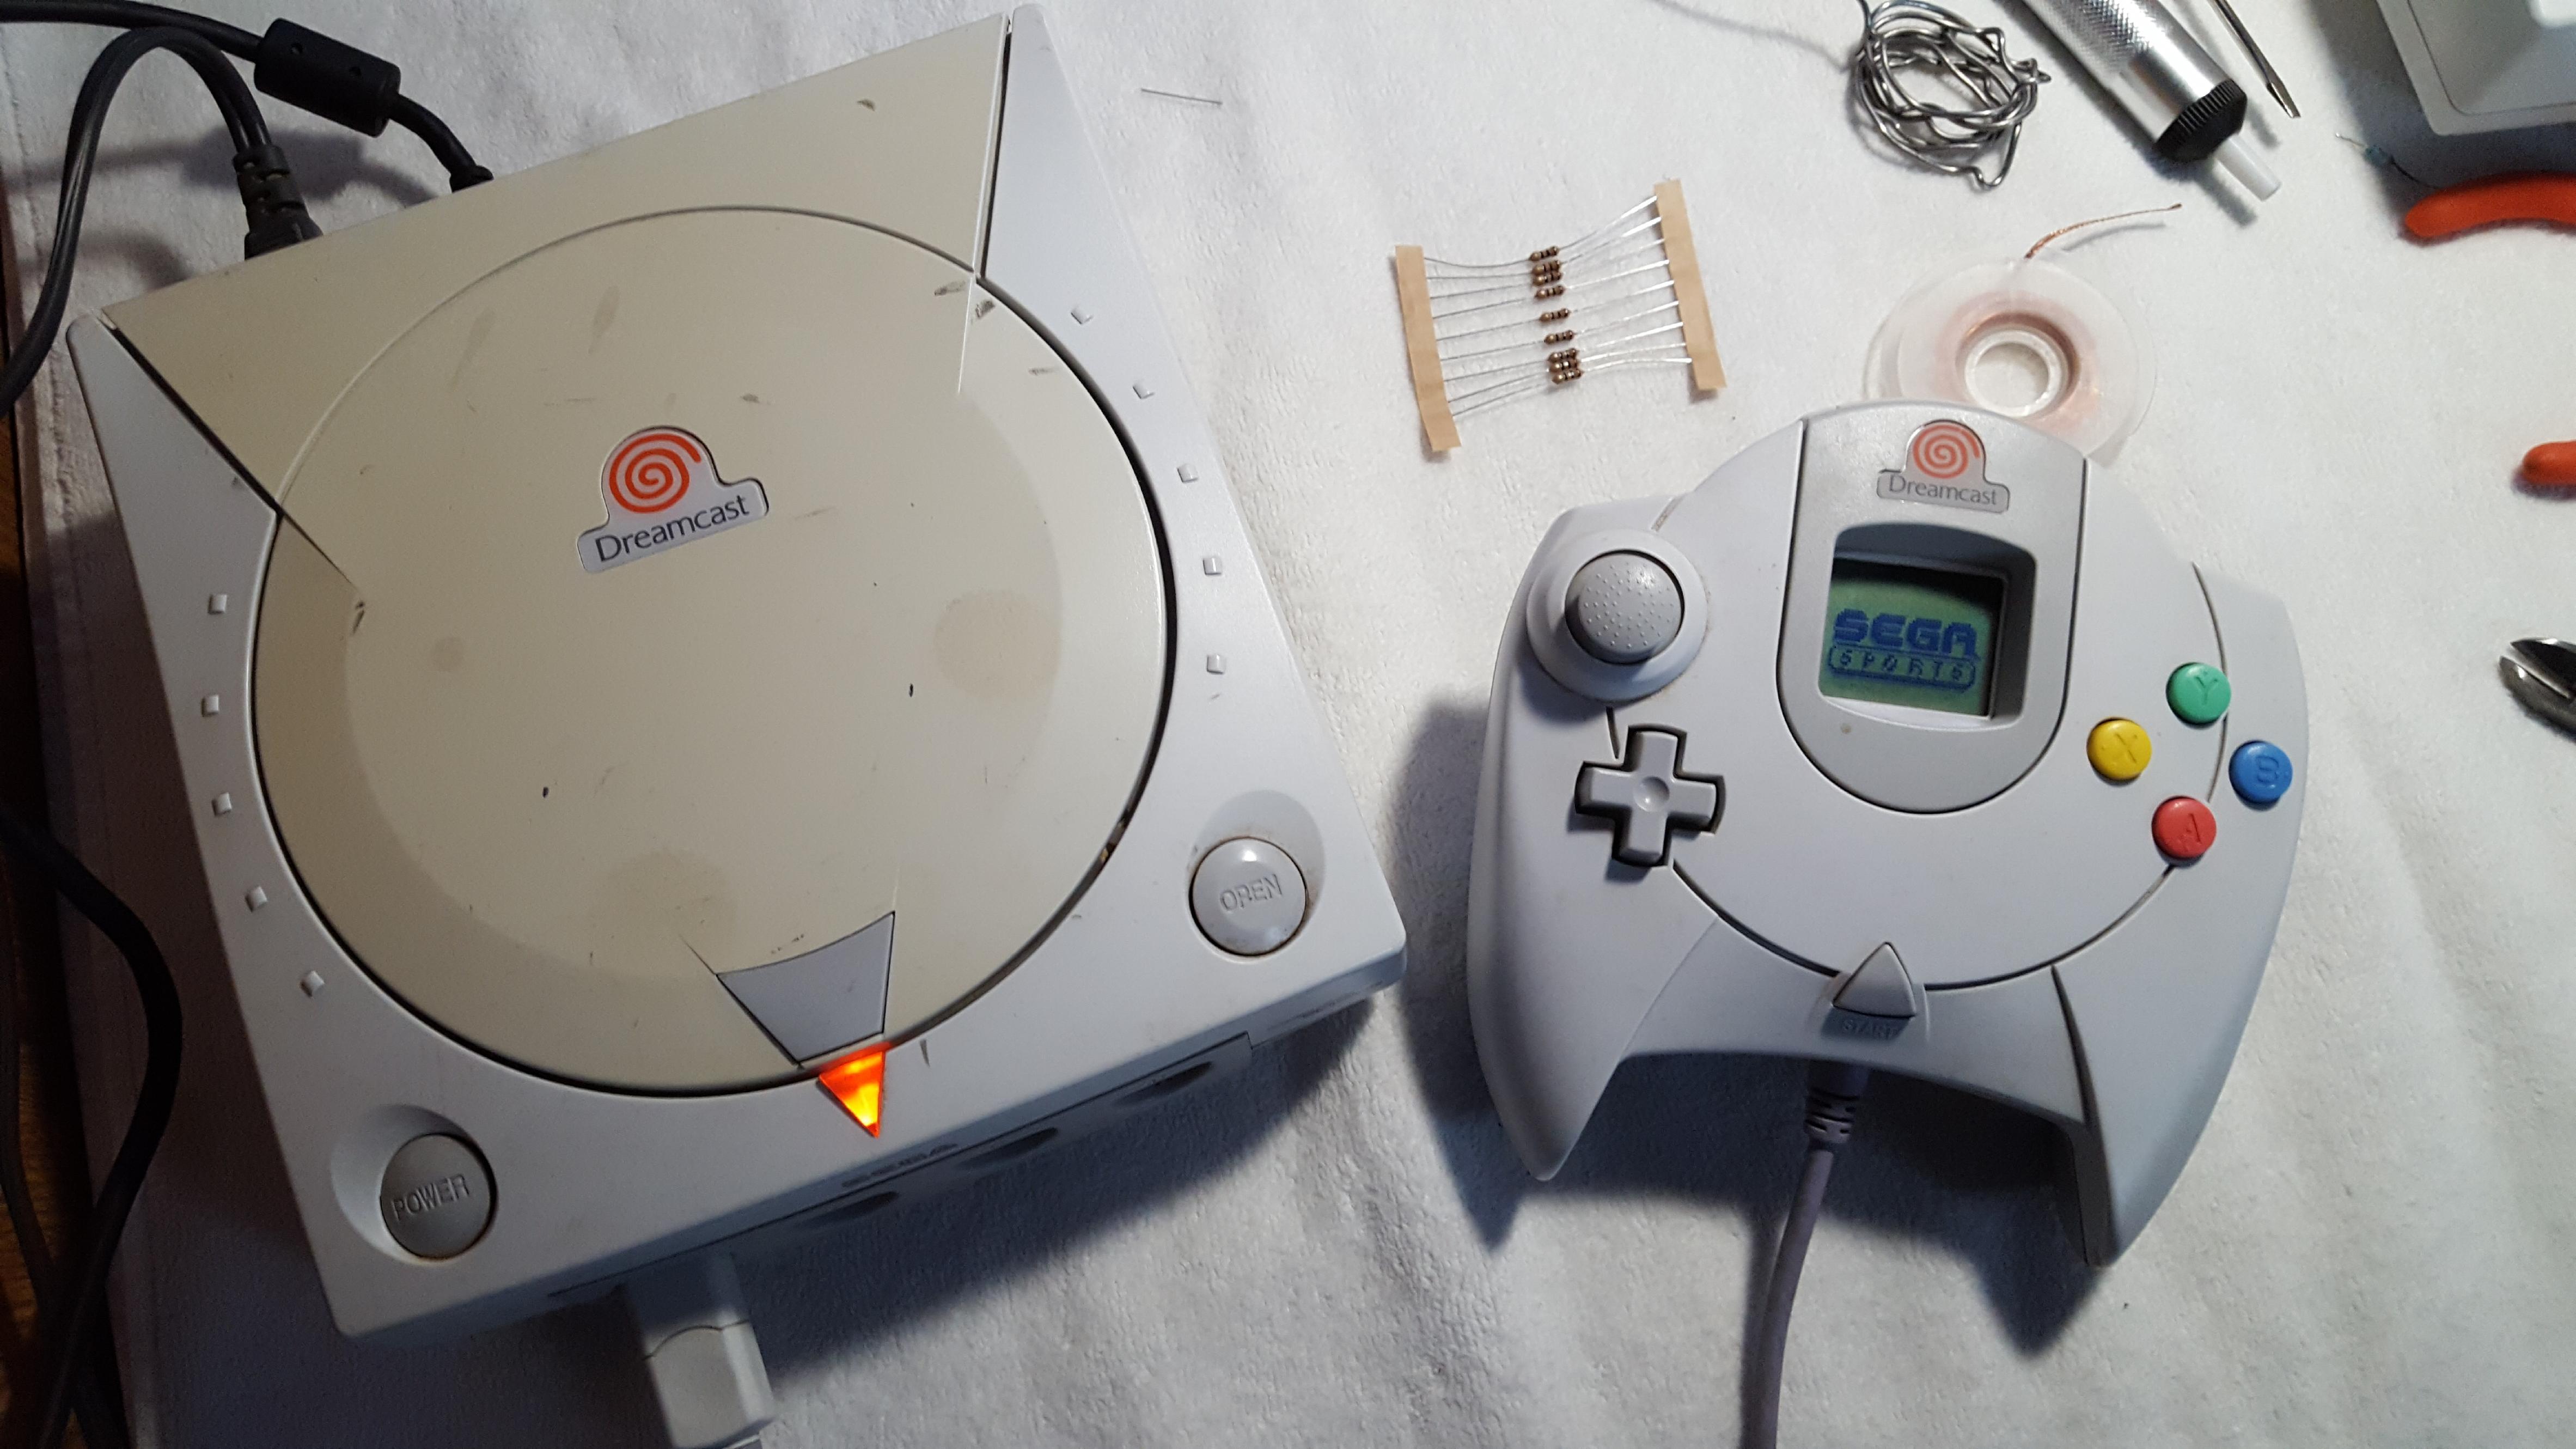 Dreamcast Archives - Retrobitgame